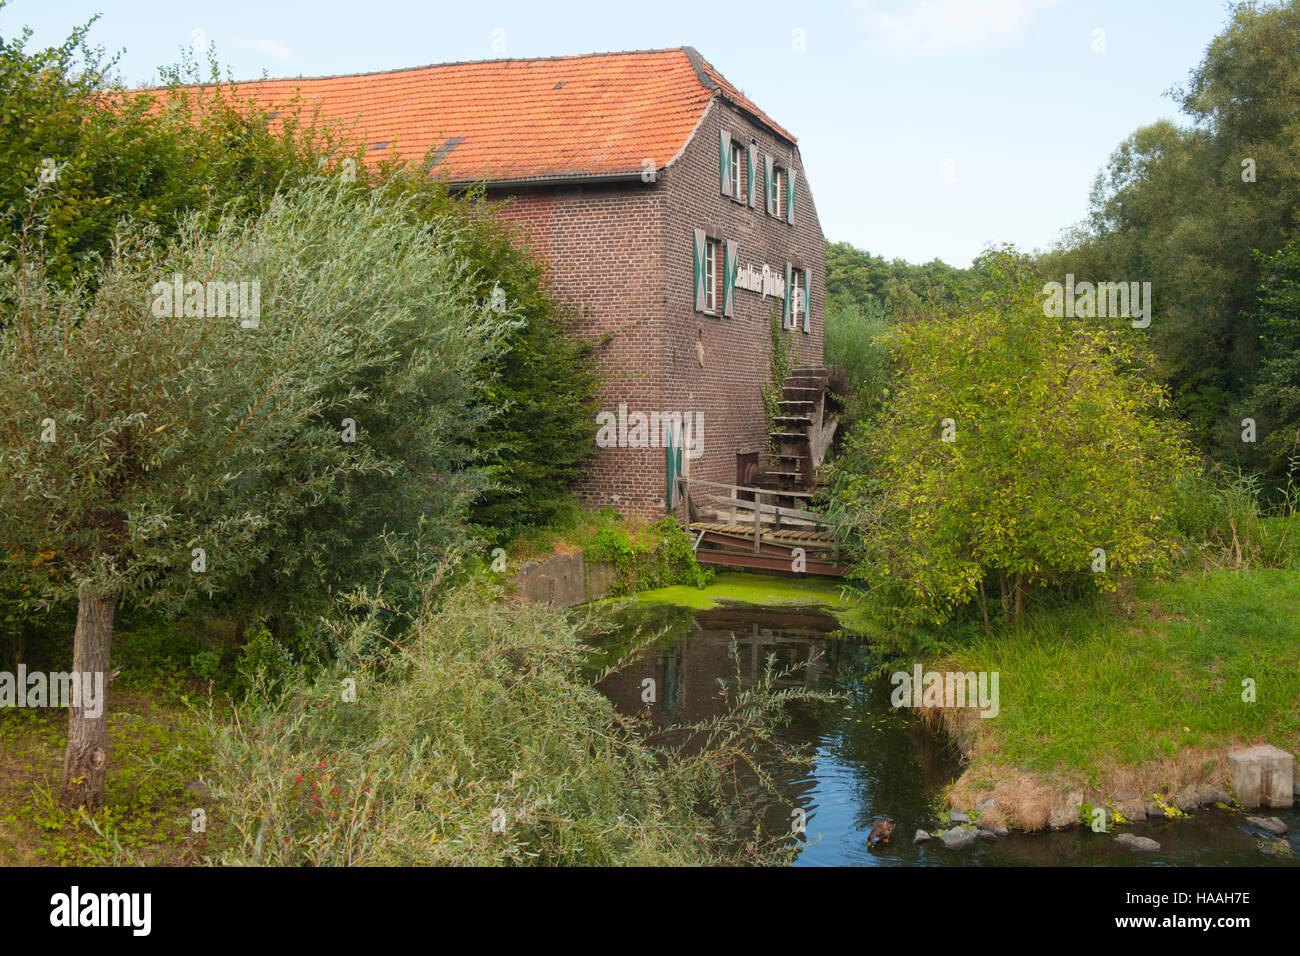 Deutschland, Nordrhein-Westfalen, Kreis Viersen, Nettetal-Leuth, Leuther Mühle - Stock Image